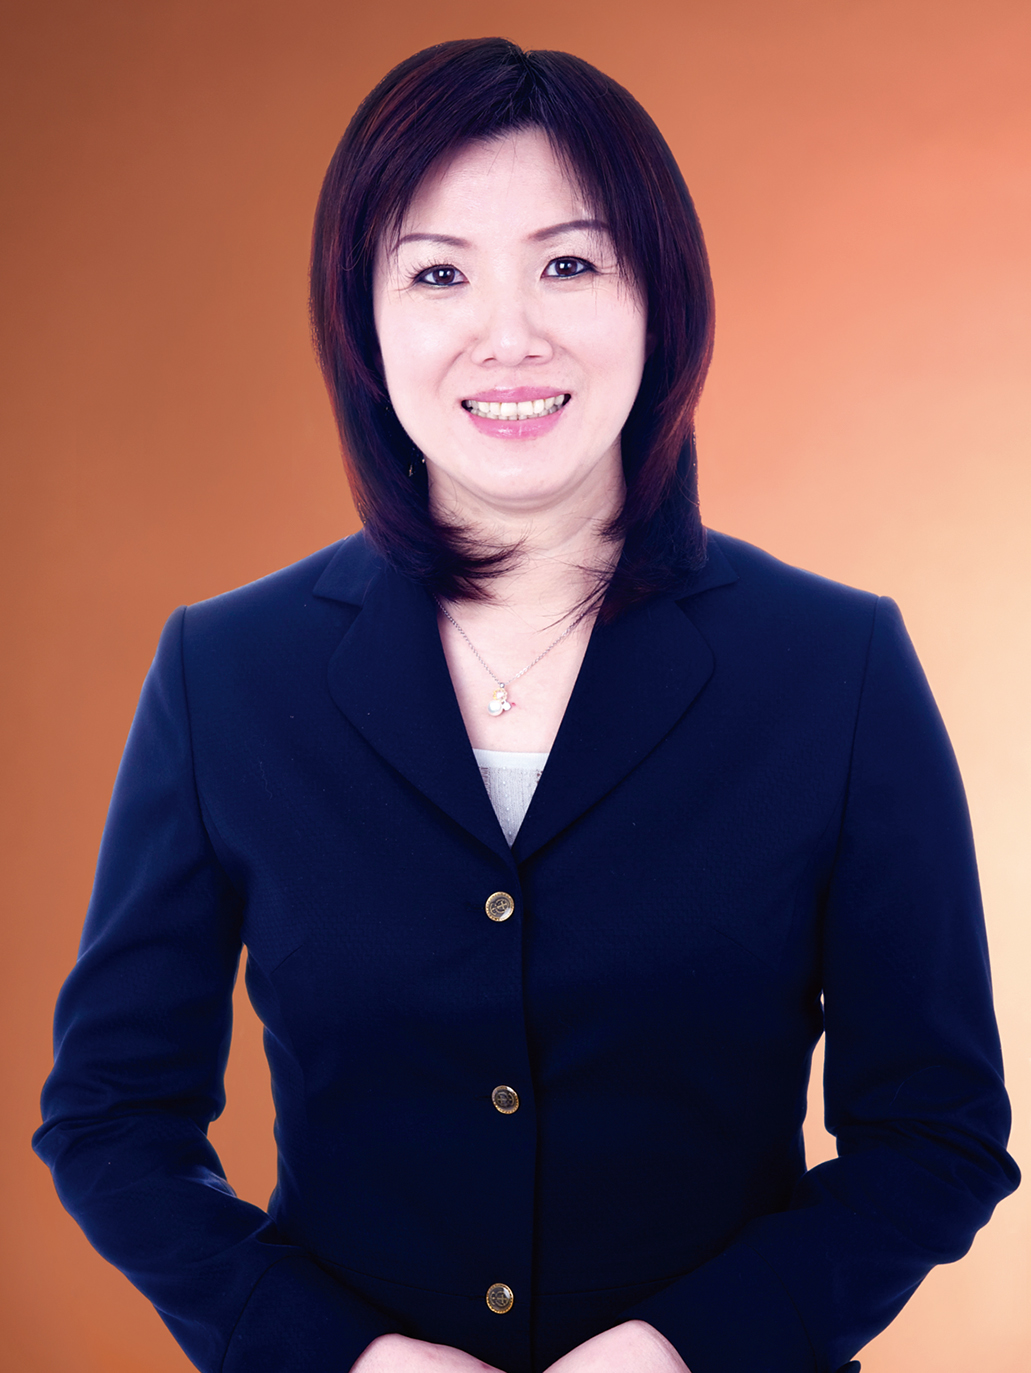 陳威琳肖像